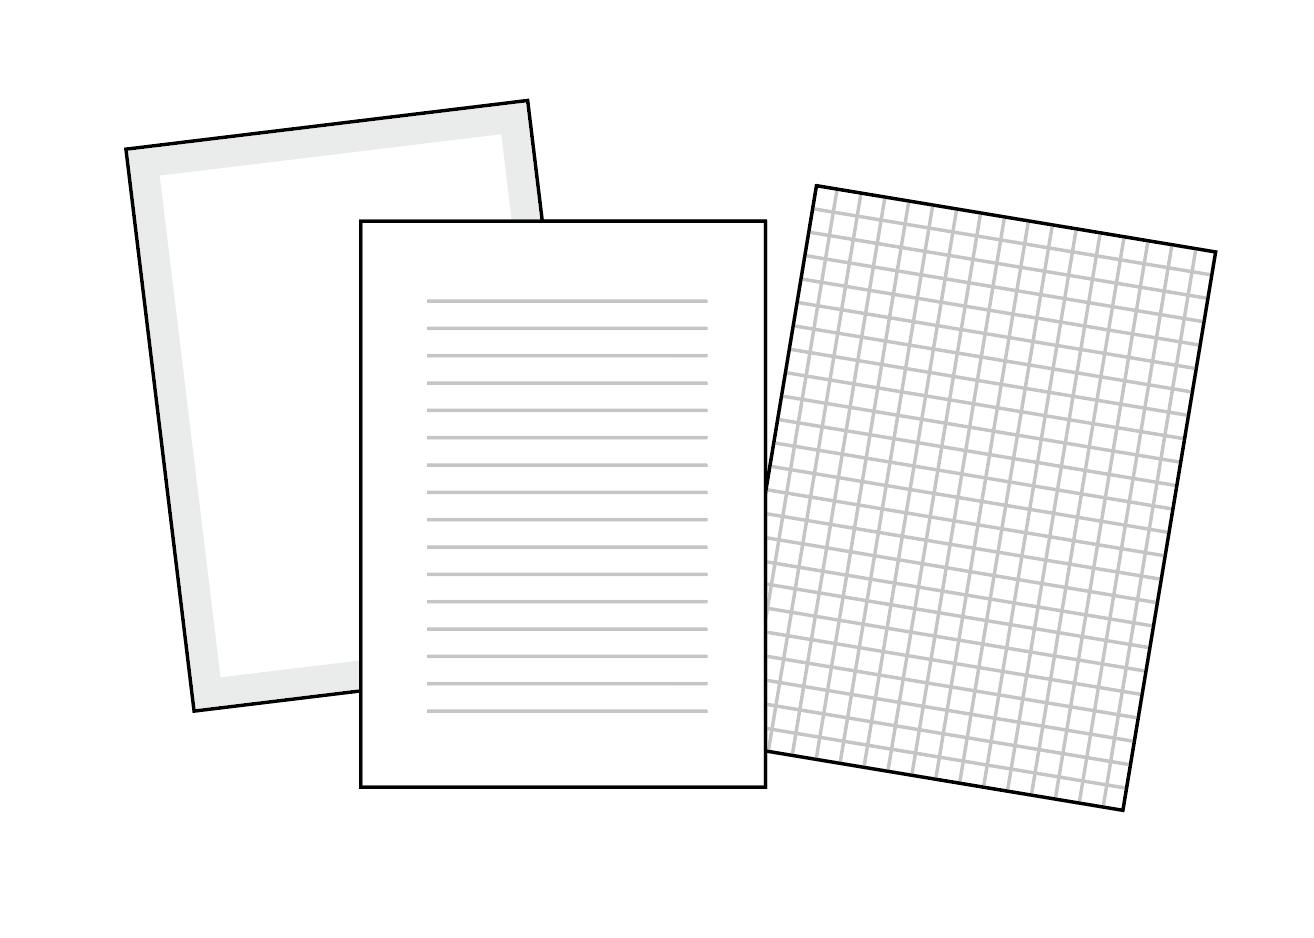 市販のノートや手帳ではできない工夫を楽しみましょう。